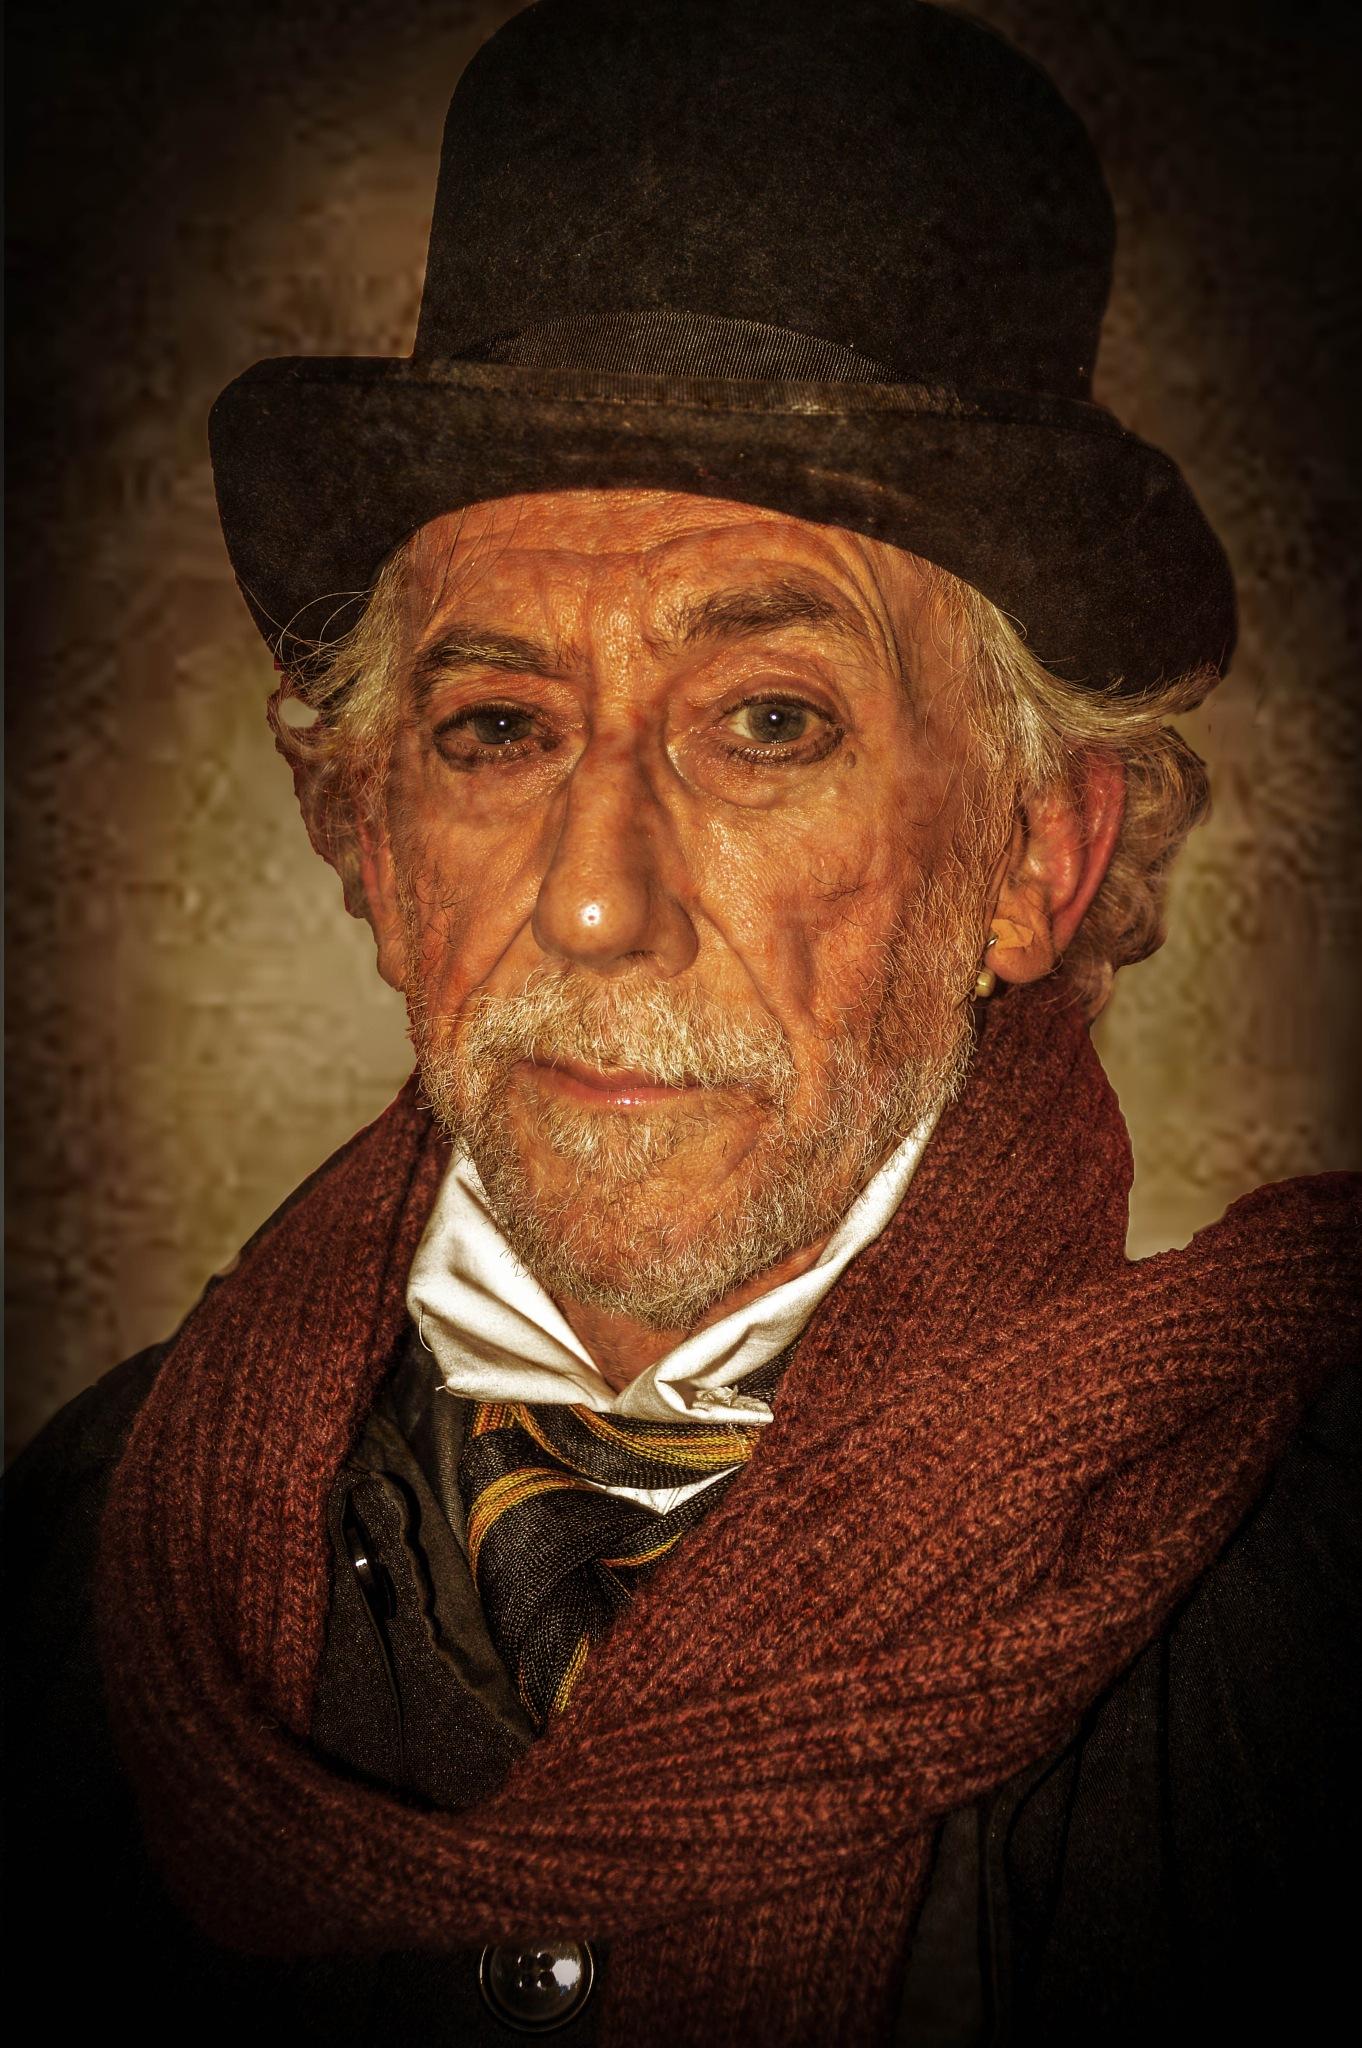 George aka Scrooge by John White